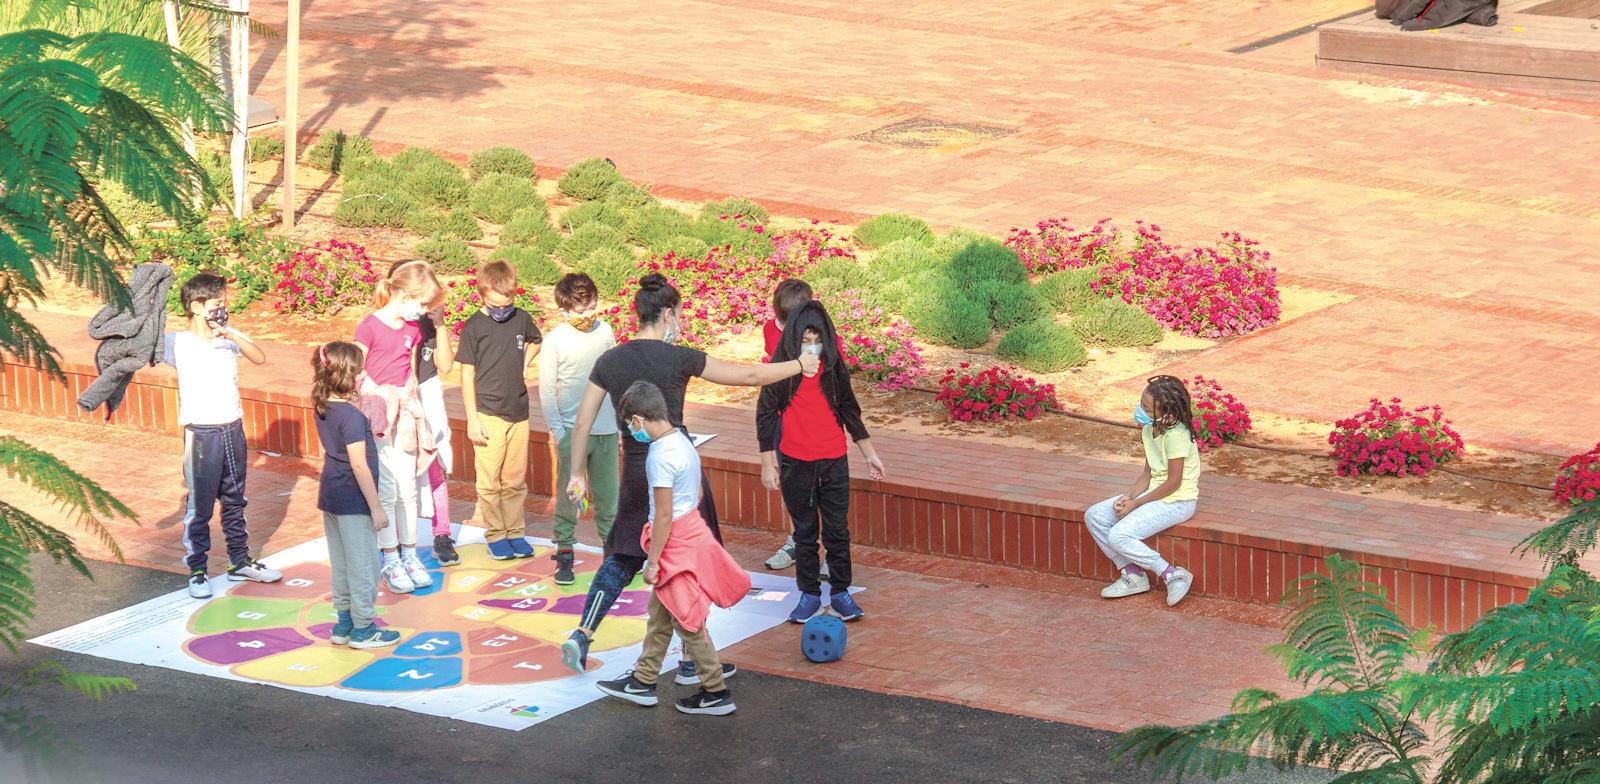 תלמידים בבית ספר בישראל. התוכניות של הממשלה עלולות להשאיר ילדים מאחור / צילום: Shutterstock